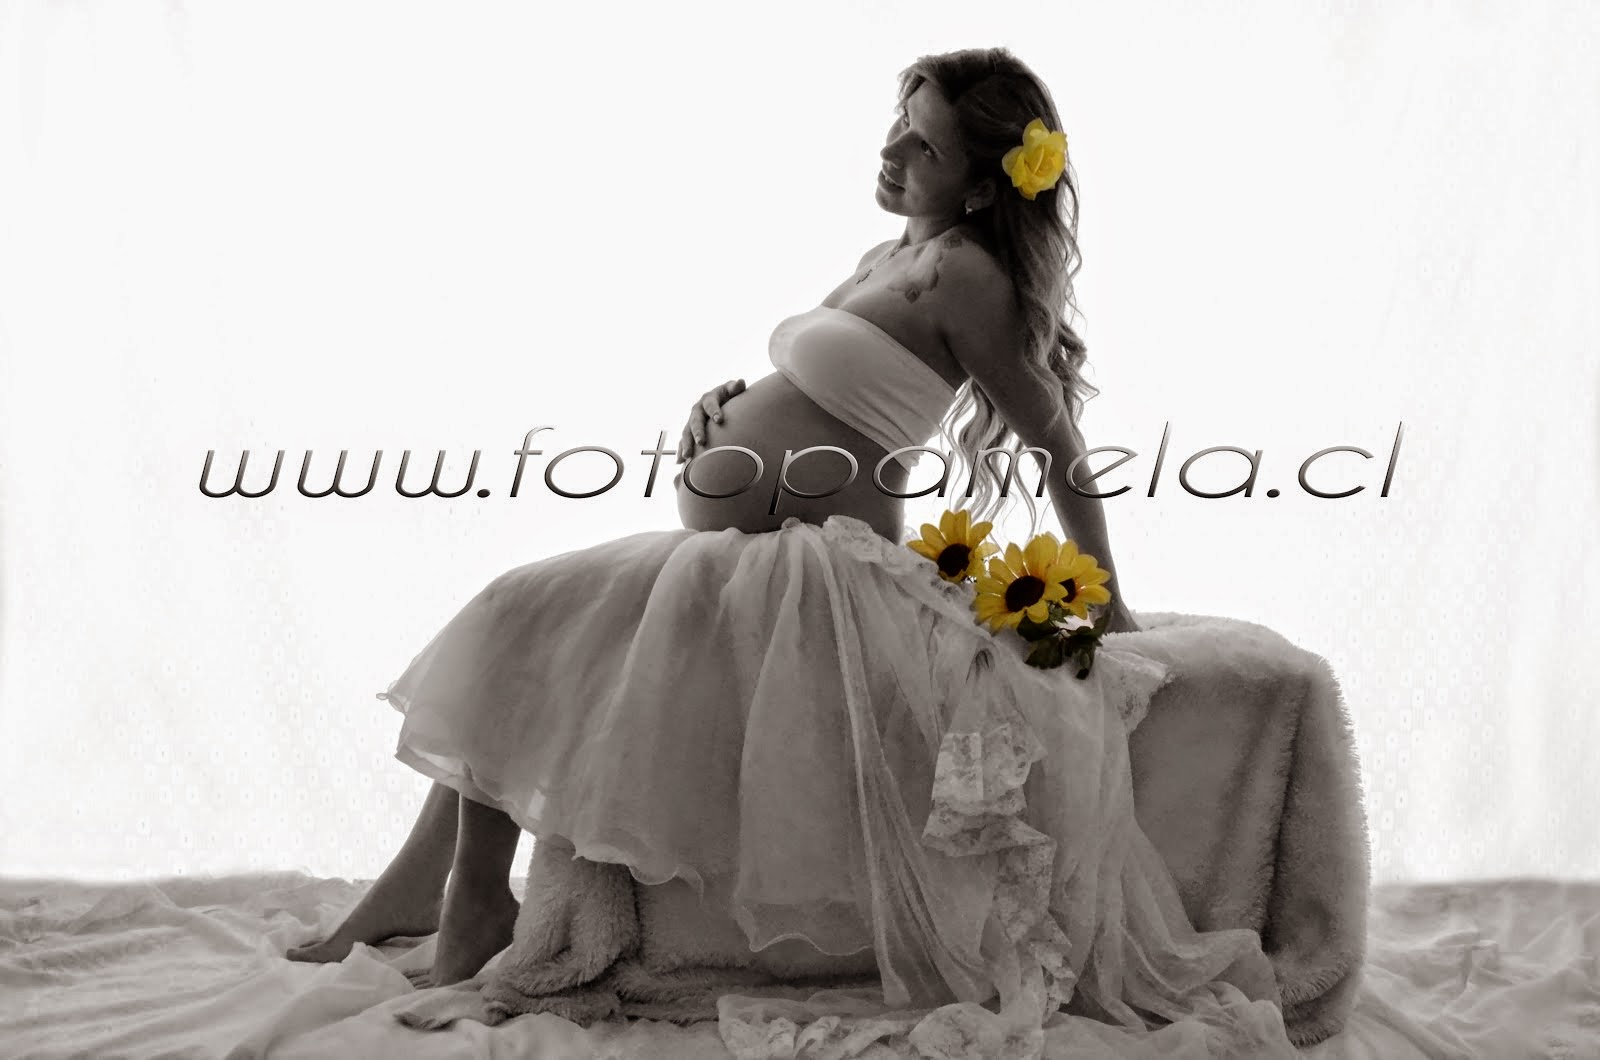 estudio fotografico para embarazadas chile